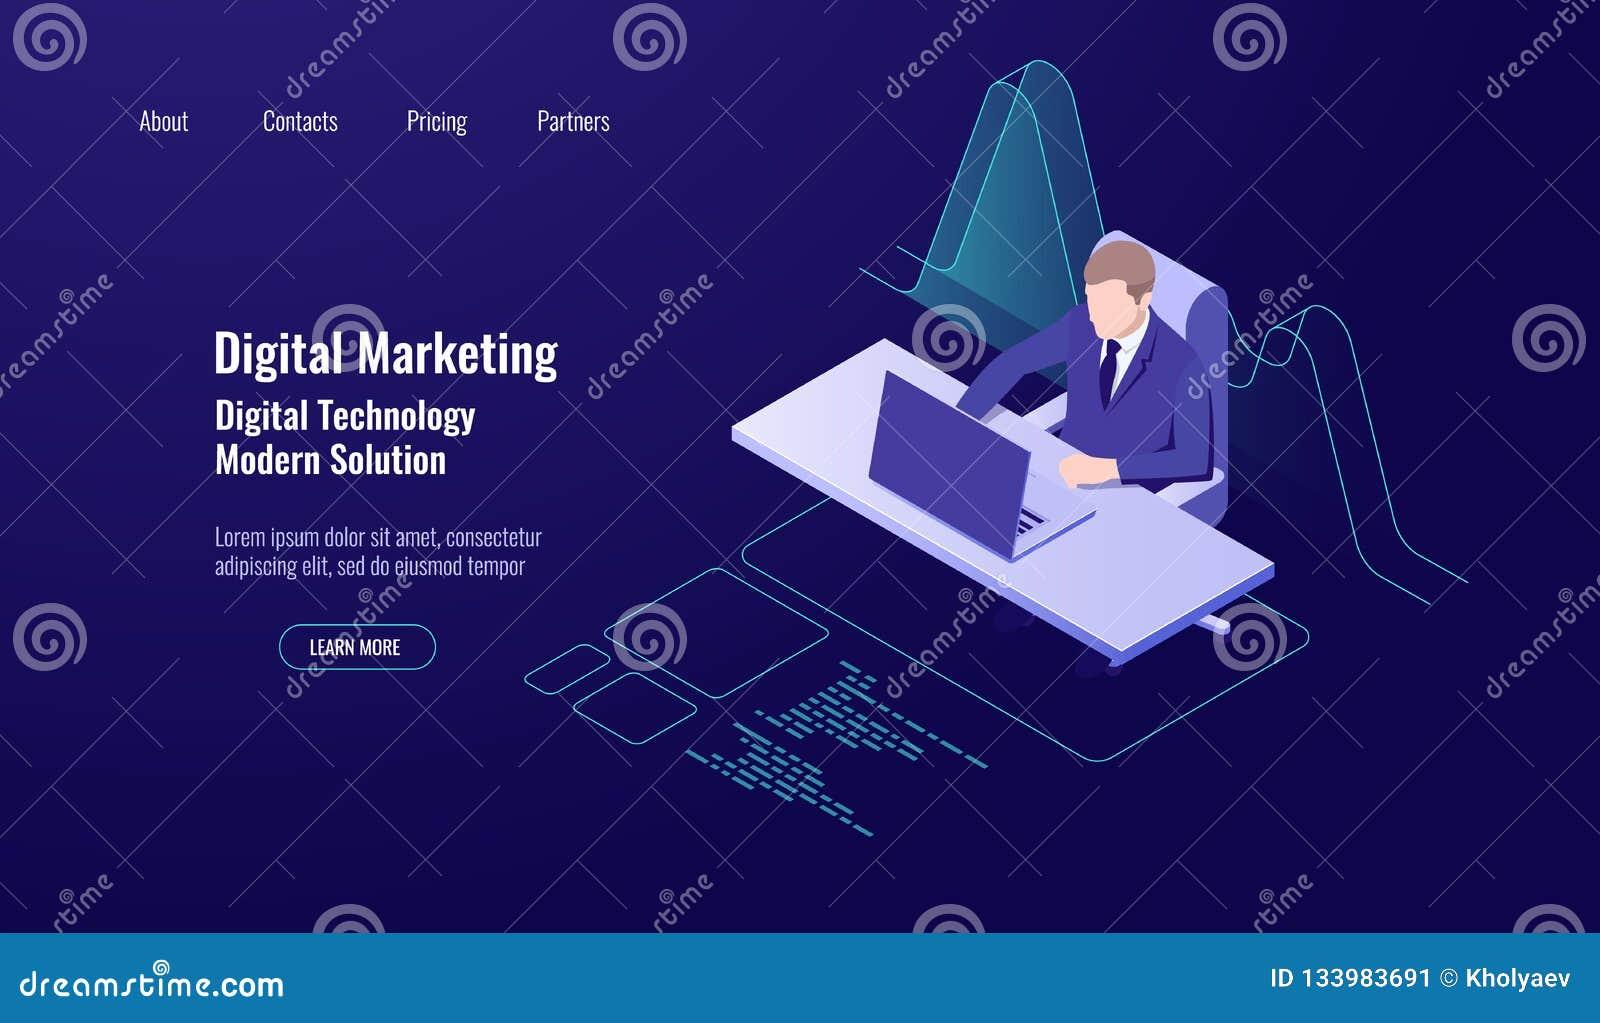 Erklärende Gelddisposition, digitales Marketing, Mann sitzen und arbeiten am Computer-, Analytics- und Statistikdatendiagramm